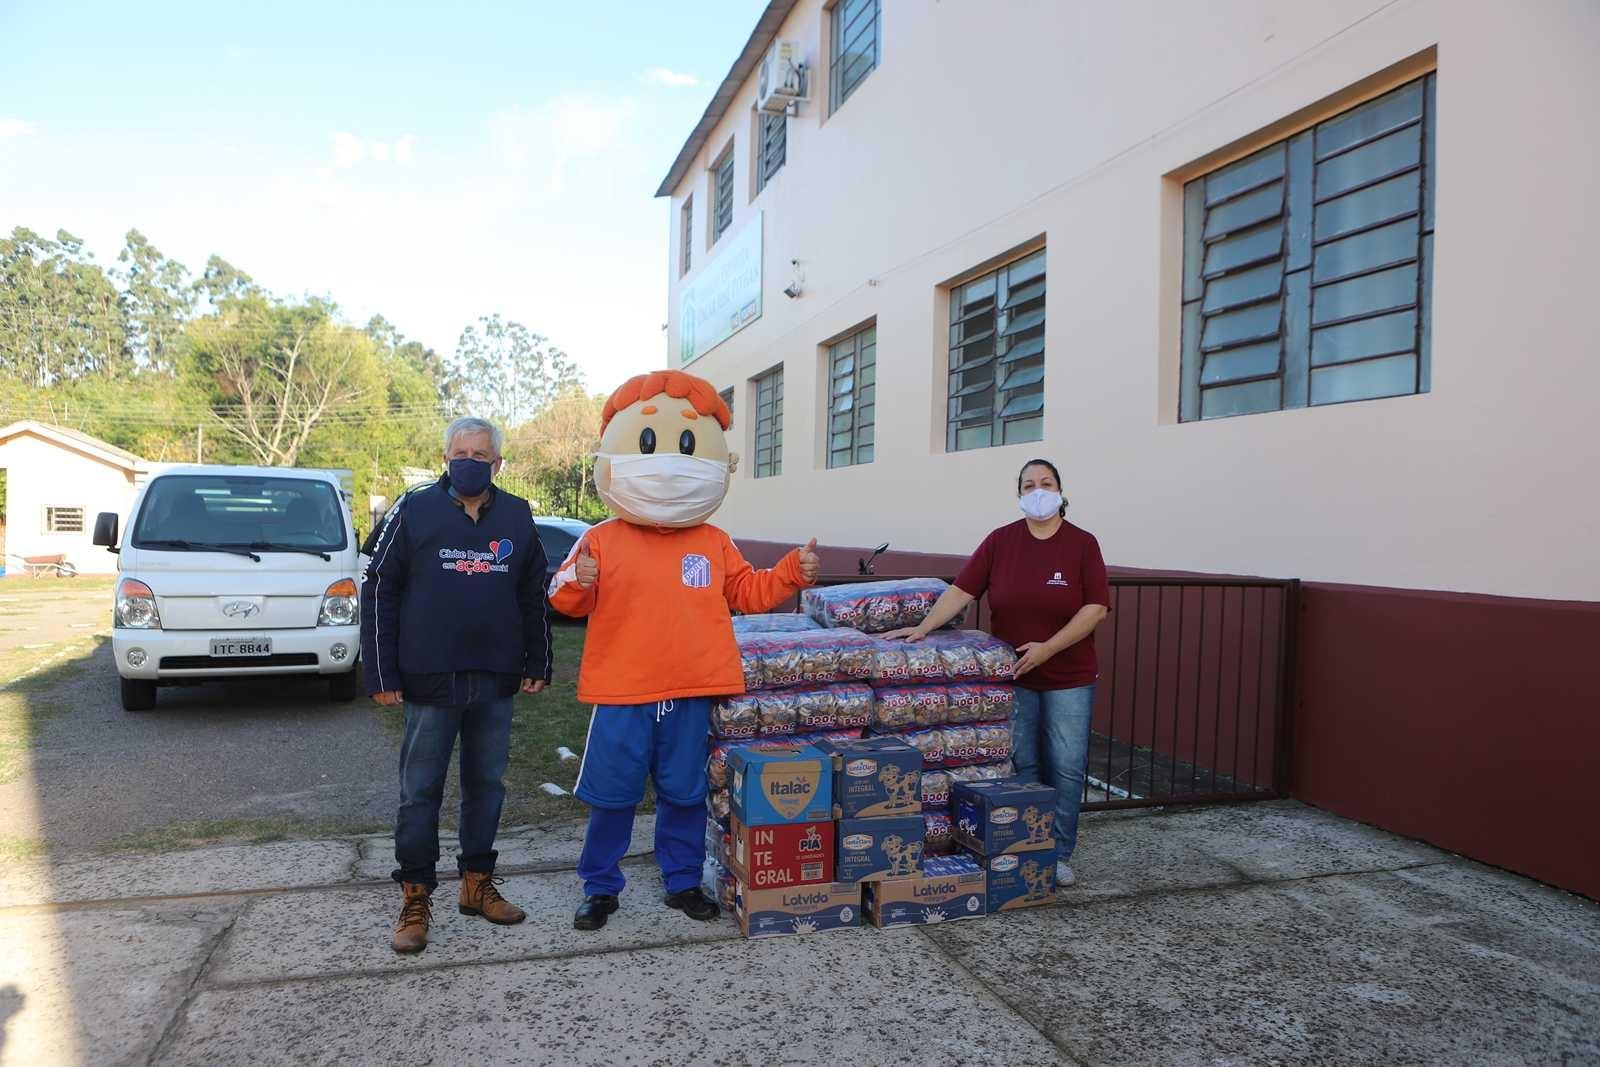 Dores em Ação Social - Vilas Conceição e Lorenzi, Lar Itagiba e no Abrigo Espírita Oscar José Pithan